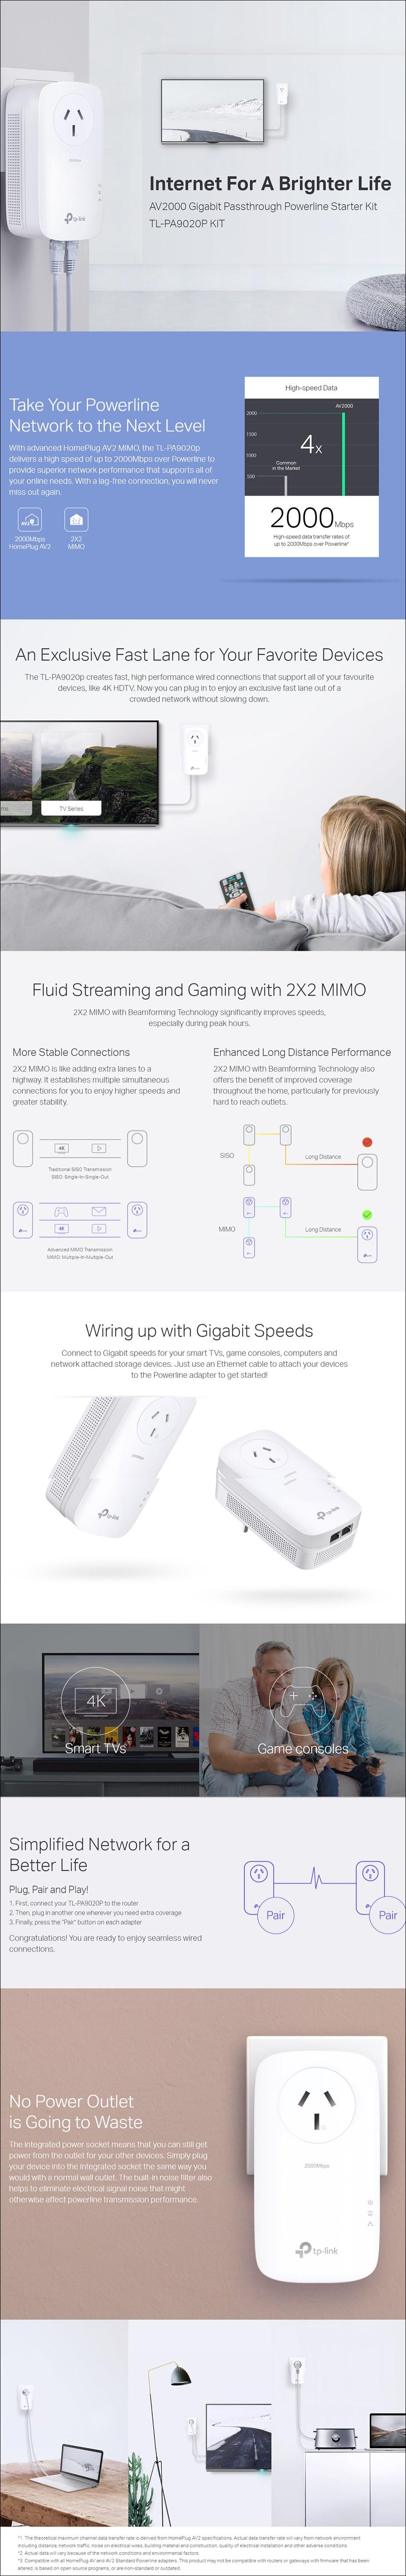 TP-Link TL-PA9020PKIT AV2000 2 Port Gigabit Passthrough Powerline Starter Kit - Overview 1